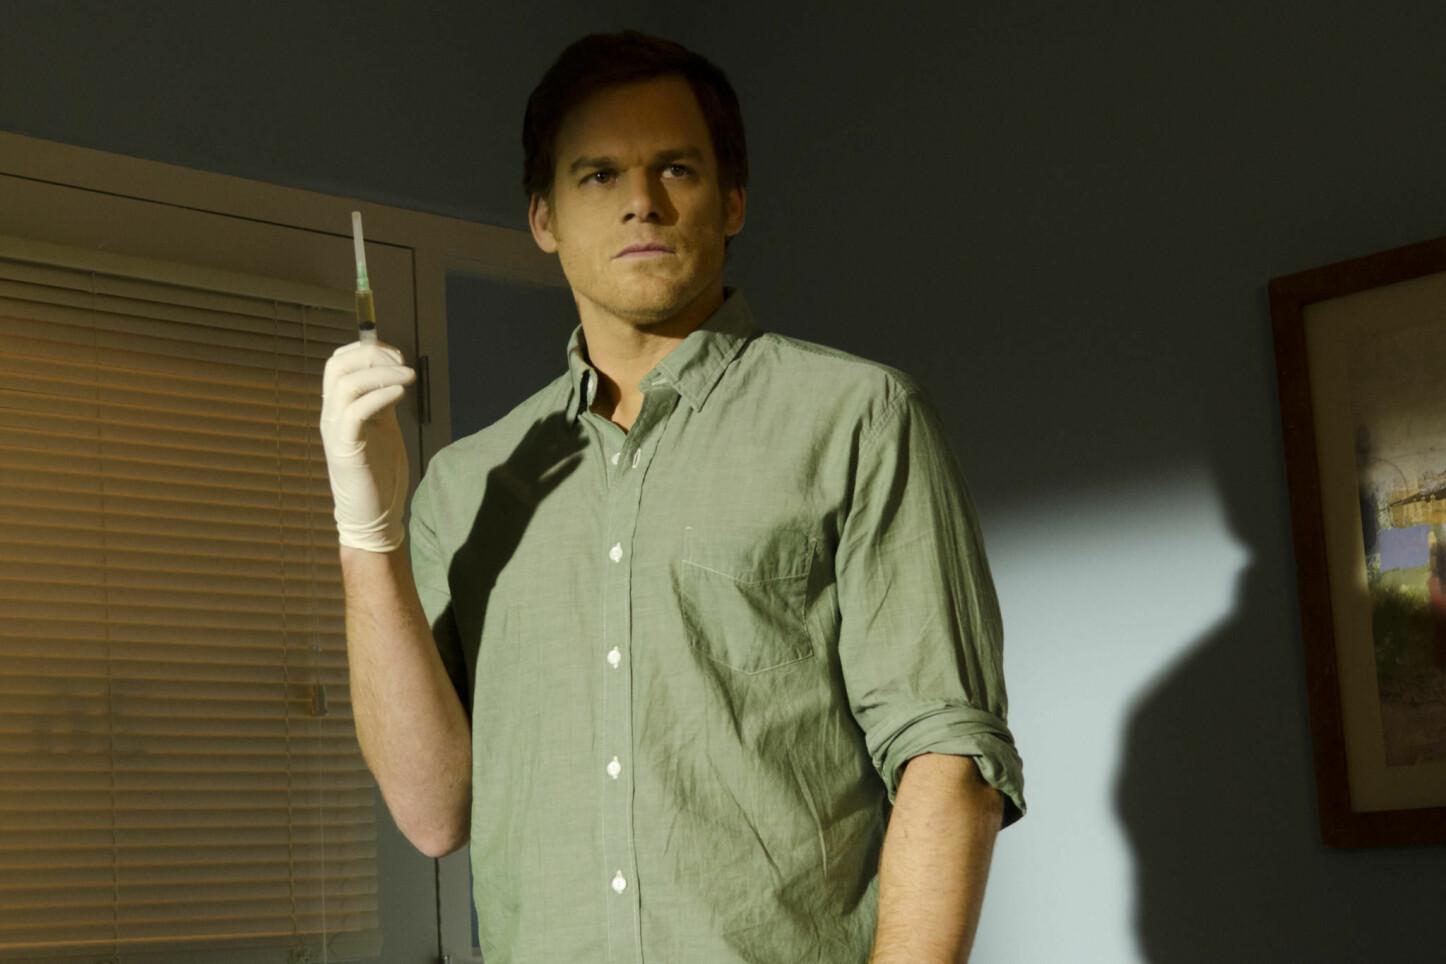 <b>ÅPEN FOR RETUR:</b> Michael C. Hall spilte seriemorderen Dexter Morgen i åtte sesonger. Han sier han er åpen for å returnere til rollen.